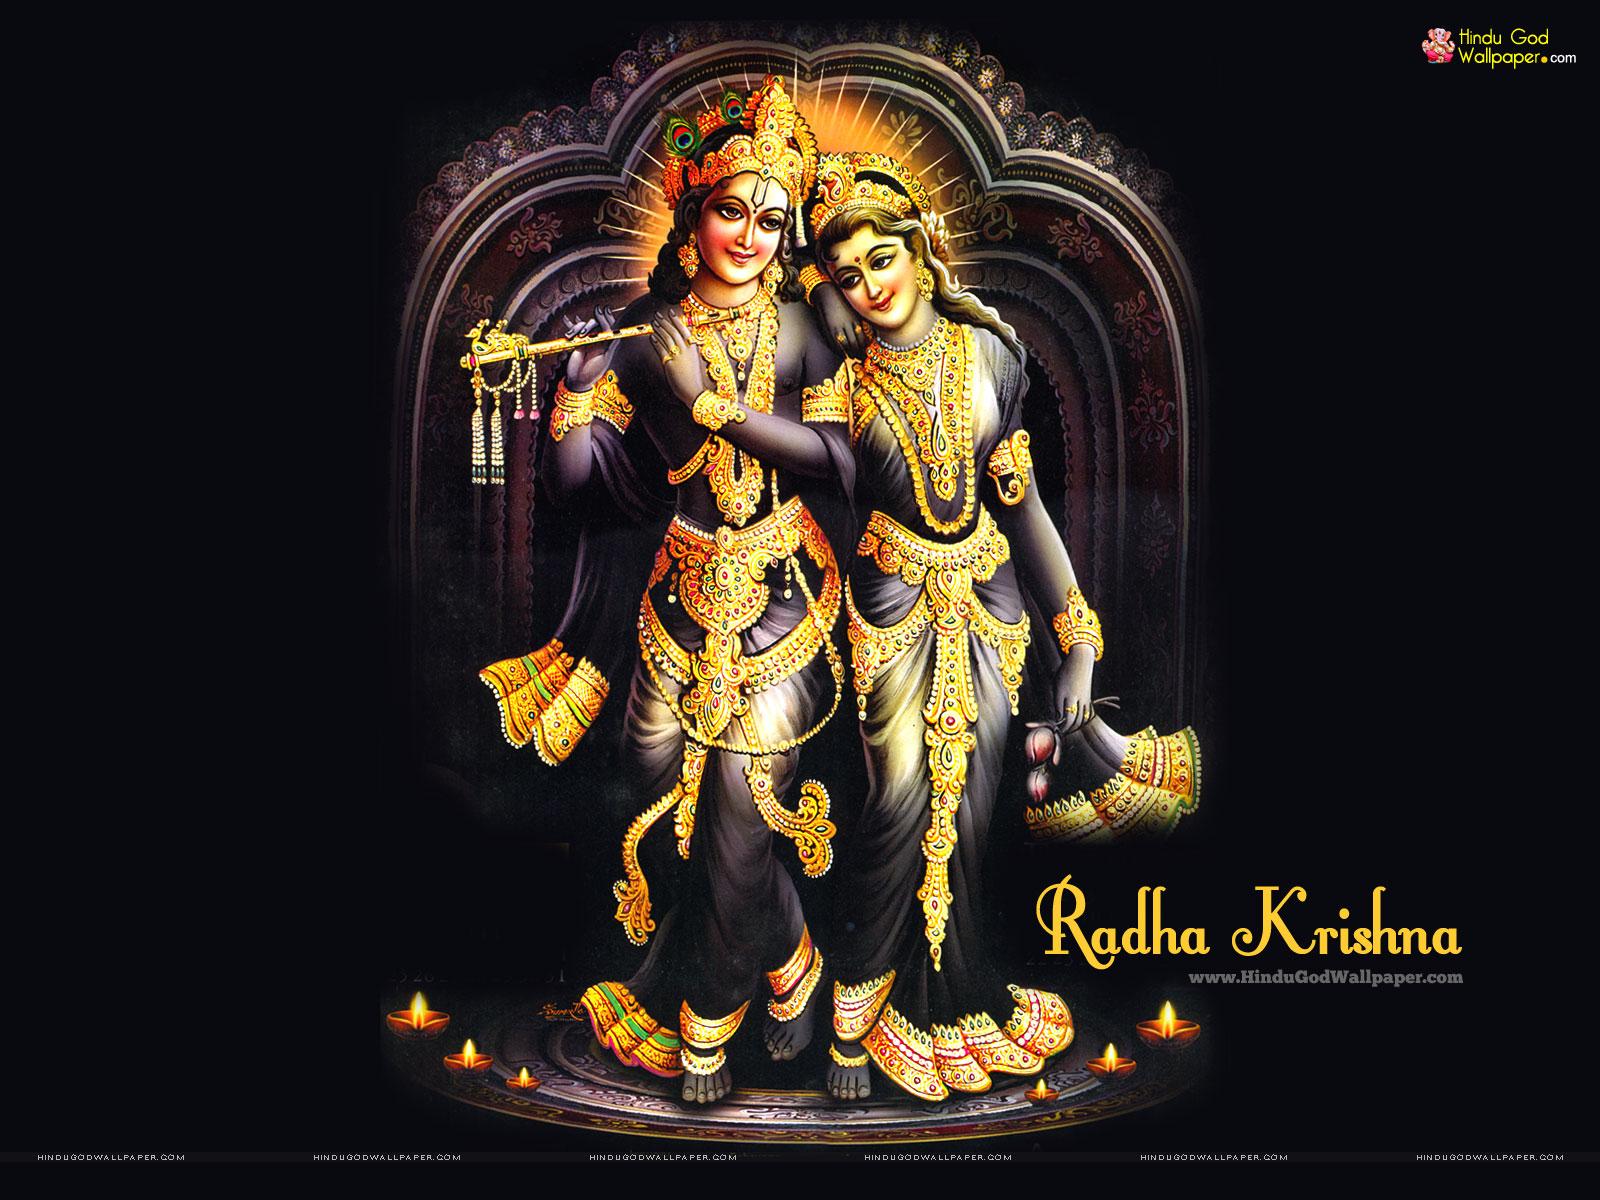 Krishna Wallpapers Hd Radha krishna 1600x1200